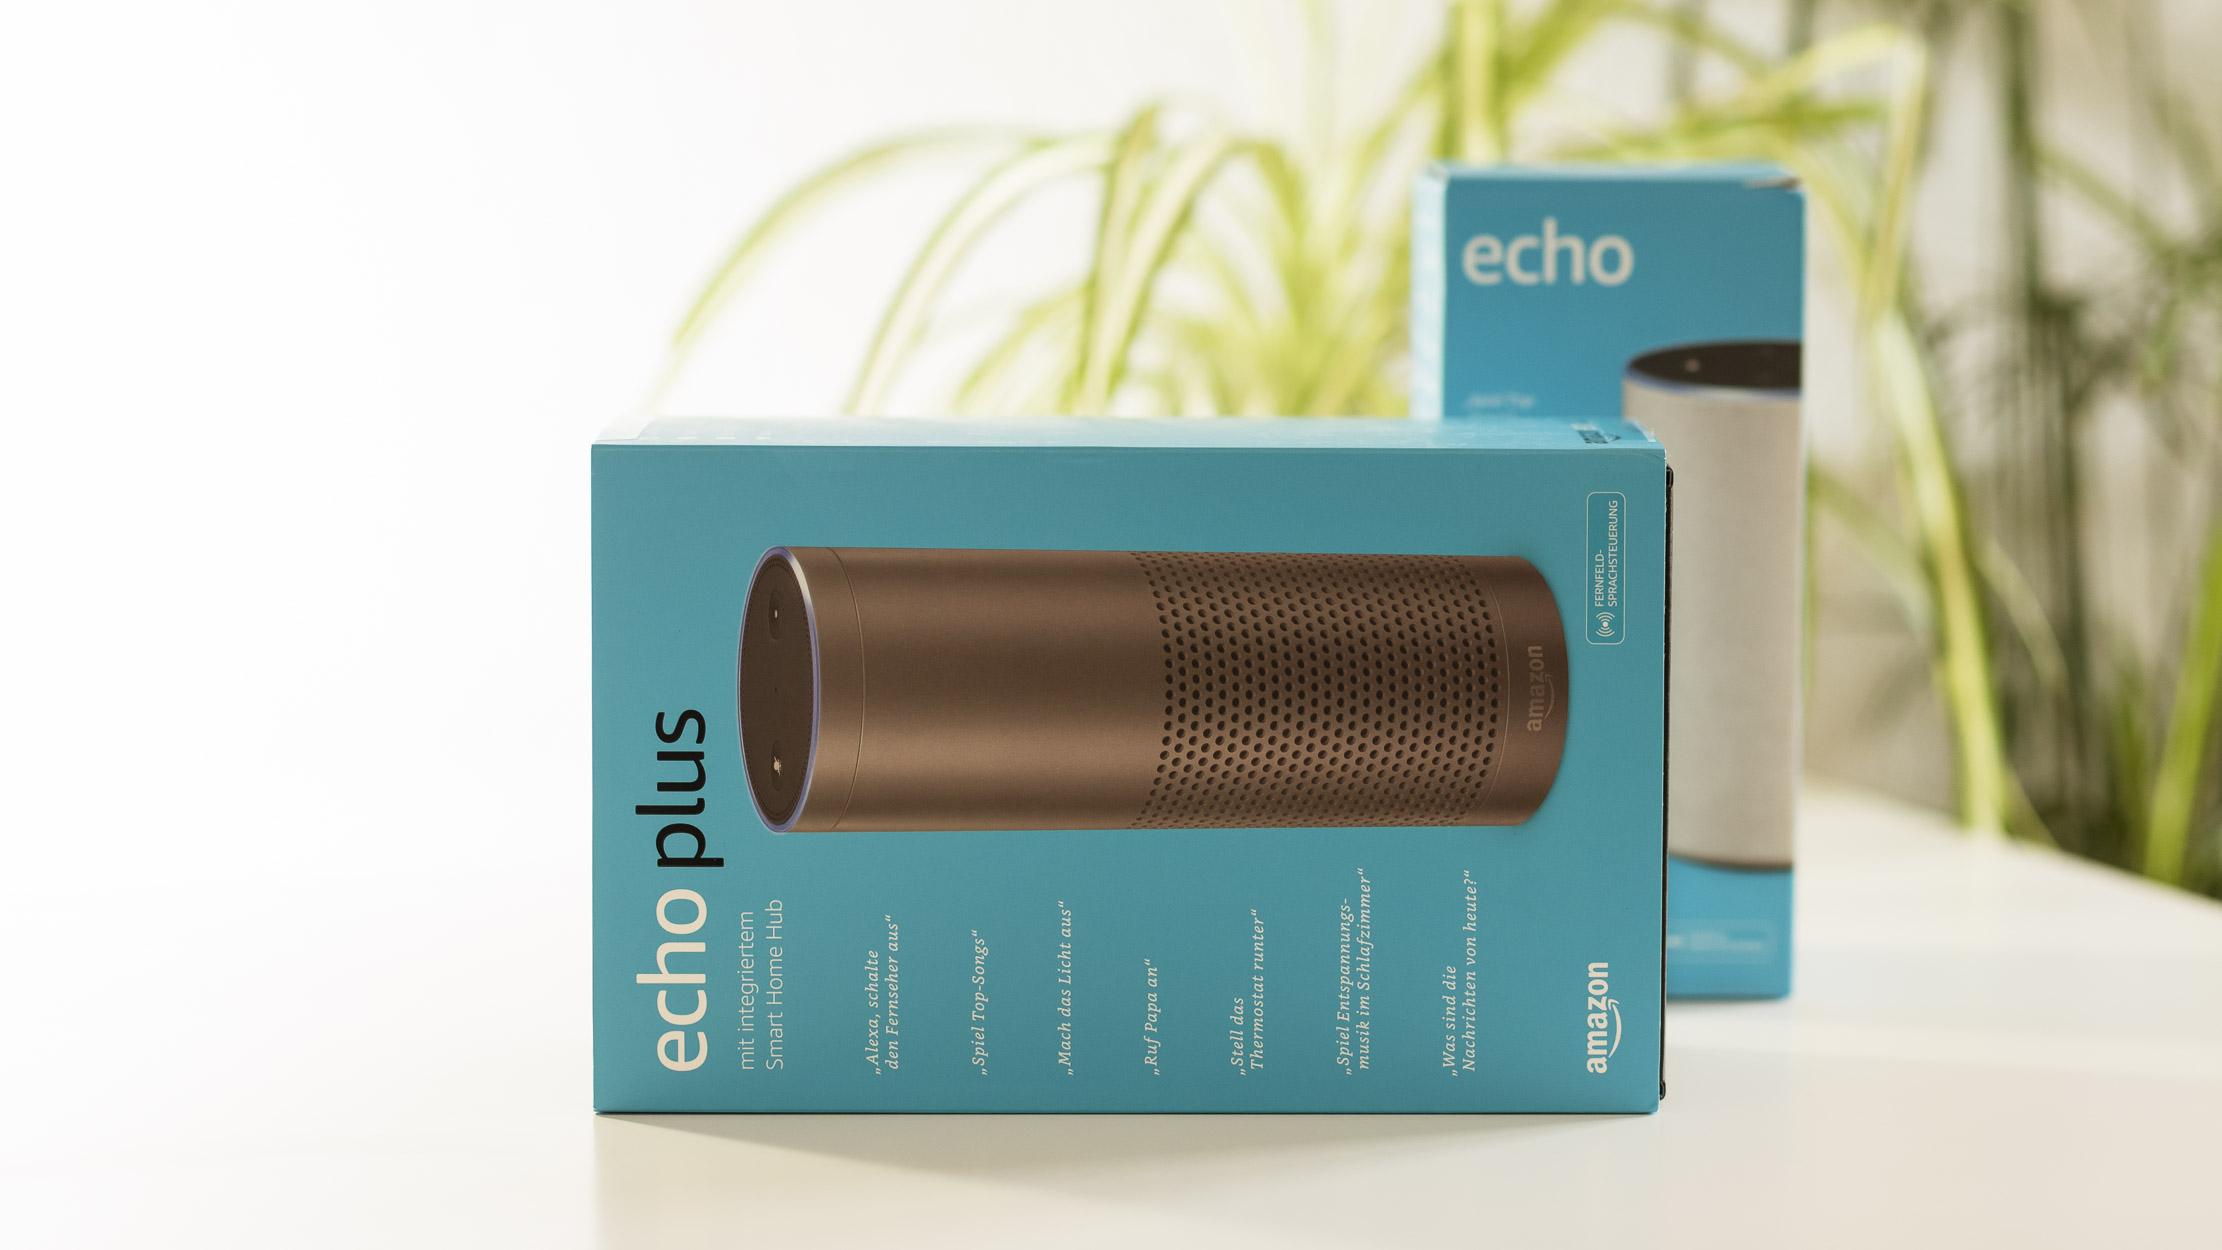 Amazon Echo Versus Echo Plus Die Neuen Gerate Im Vergleich Mit Dem Bisherigen Echo